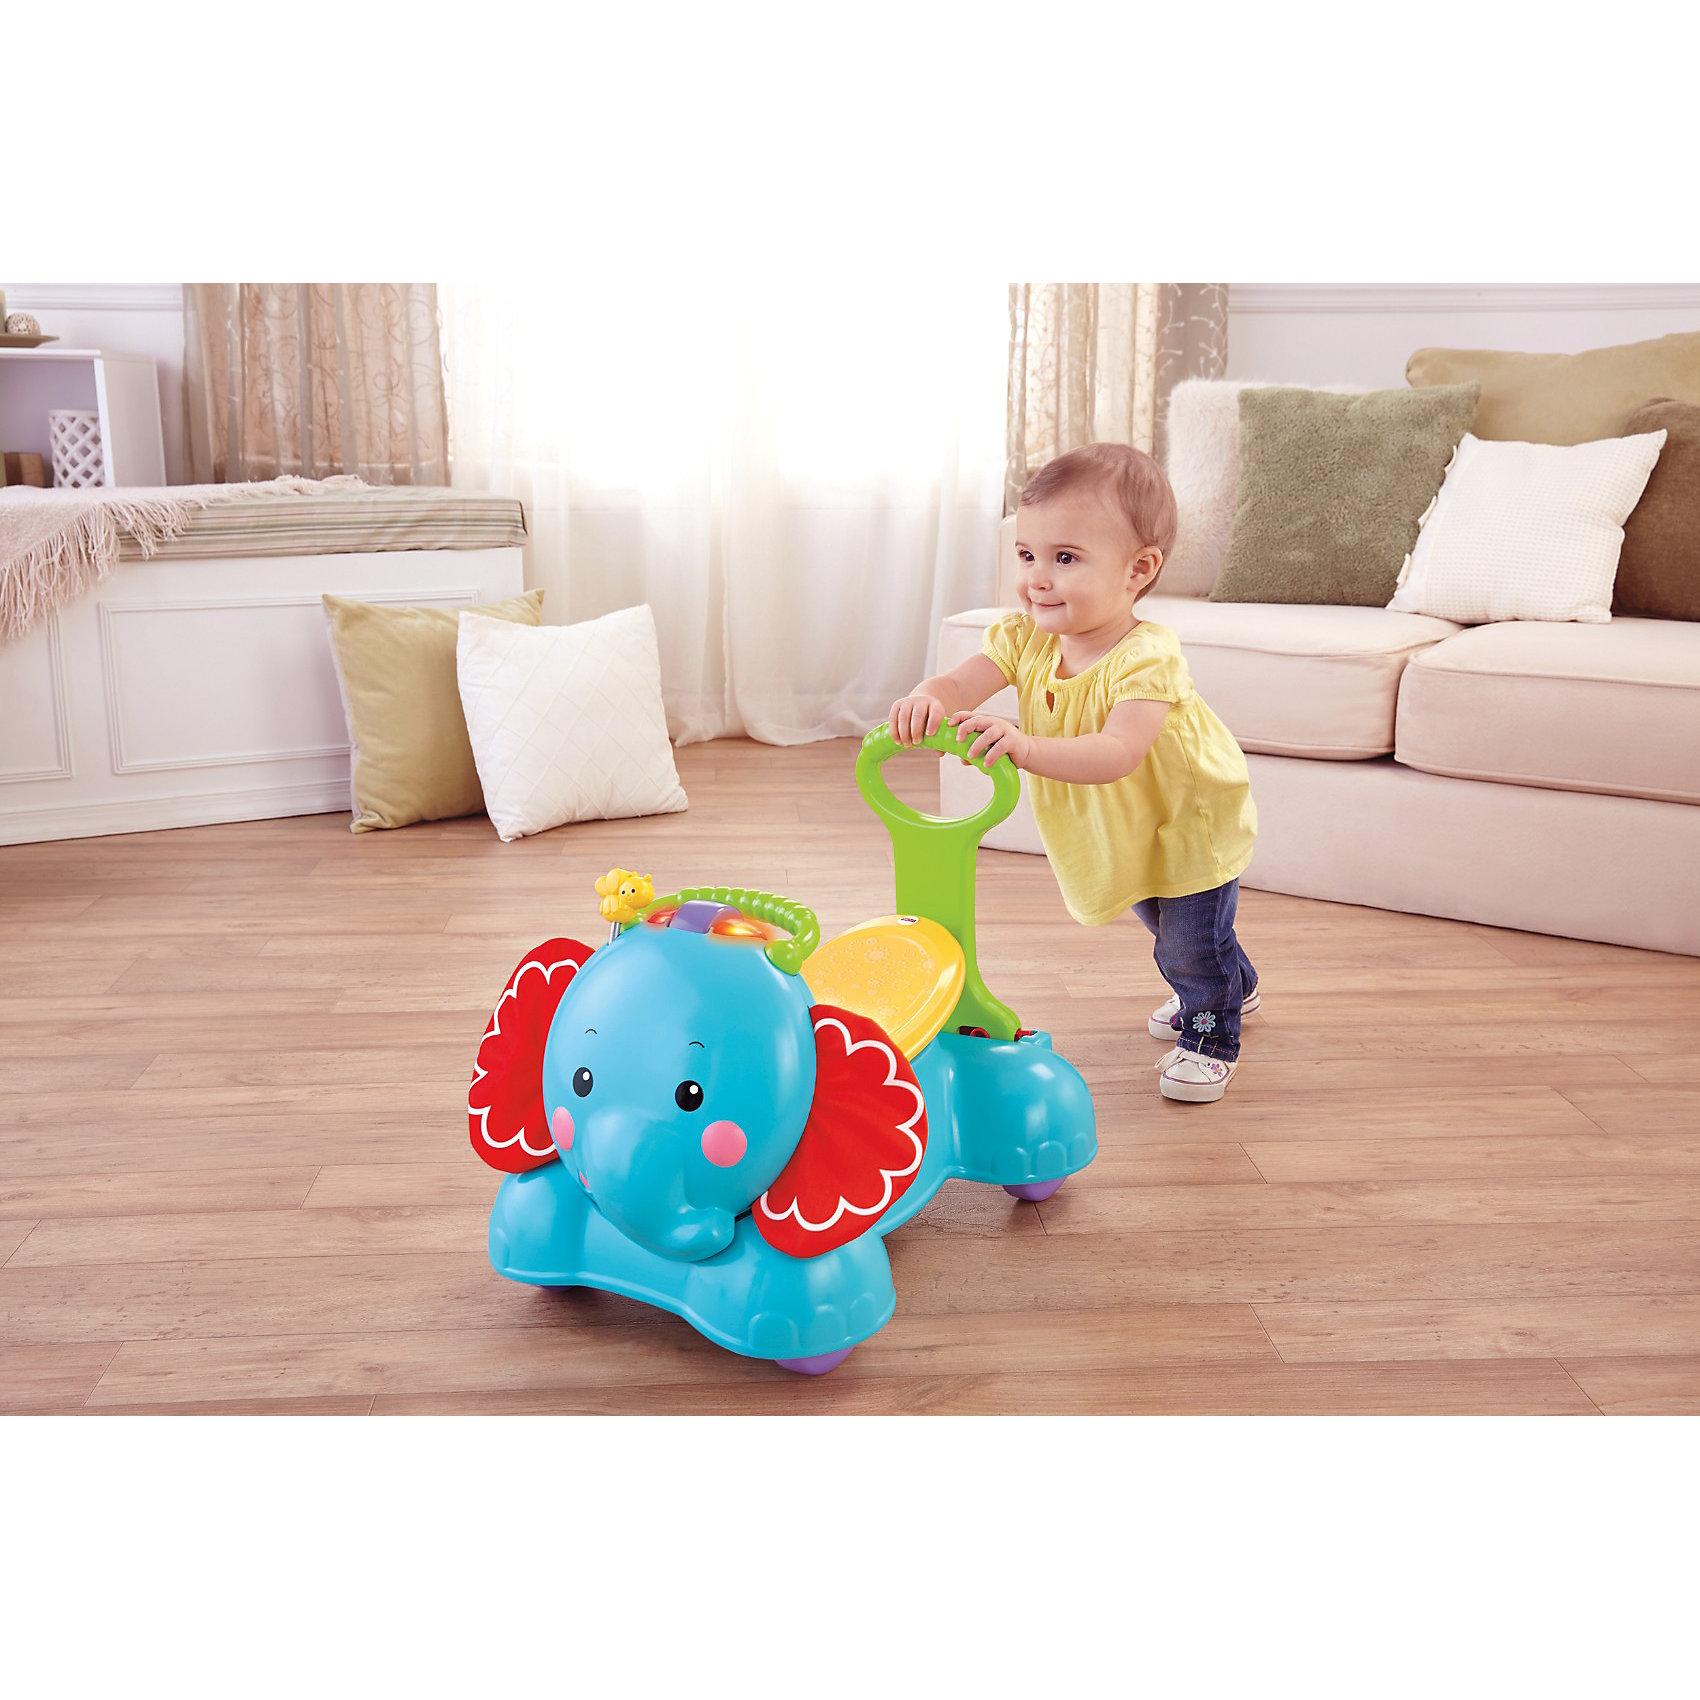 Каталка Слоник, Fisher-PriceКаталка Слоник, Fisher-Price (Фишер-Прайс) - это красочная, многофункциональная игрушка со множество развивающих функций. Каталка выполнена в виде забавного слоника, передвигаться на котором малыш может двумя способами: самостоятельно, сидя в седле и отталкиваясь от пола ножками или с помощью родителей, которые могут возить каталку, держась за удобную ручку. По мере роста ребенка каталку можно использовать в качестве ходунков - ребенок будет самостоятельно держаться за ручку и катать слоненка по комнате. <br><br>На корпусе игрушки размещено множество красочных деталей и кнопок, нажимая на которые малыш сможет послушать различные мелодии и звуки и понаблюдать световые эффекты. Каталка компактно складывается и не занимает много места. Игрушка способствует развитию двигательной активности, звукового и цветового восприятия, координации движений и мелкой моторики рук.<br><br>Дополнительная информация:<br><br>- Материал: пластик, текстиль.<br>- Требуются батарейки:  2 х ААА (входят в комплект). <br>- Размер каталки: 76,2 x 22,9 x 40,6 см.<br>- Размер упаковки: 73 х 22,5 х 40,5 см. <br>- Вес: 1,6 кг.<br><br>Каталку Слоник, Fisher-Price (Фишер-Прайс) можно купить в нашем интернет-магазине.<br><br>Ширина мм: 405<br>Глубина мм: 730<br>Высота мм: 225<br>Вес г: 4279<br>Возраст от месяцев: 9<br>Возраст до месяцев: 36<br>Пол: Унисекс<br>Возраст: Детский<br>SKU: 3784256